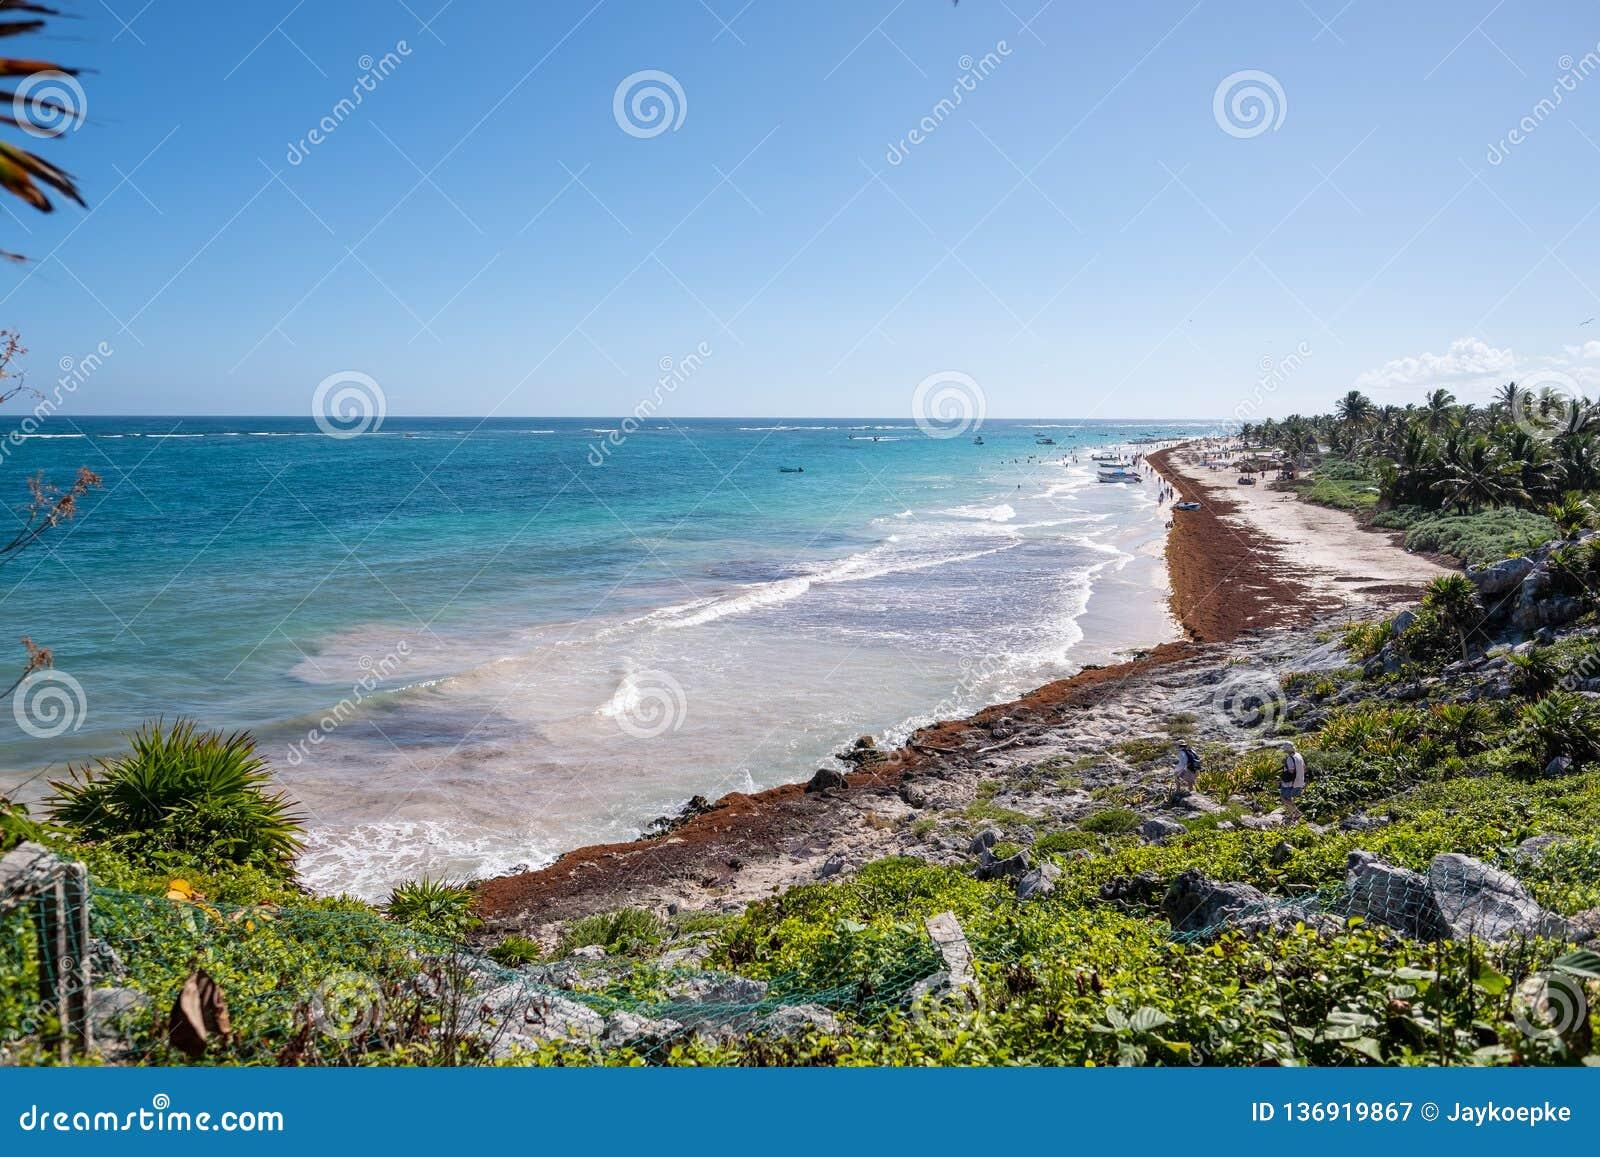 Μια άποψη της παραλίας σε Tulum, Μεξικό